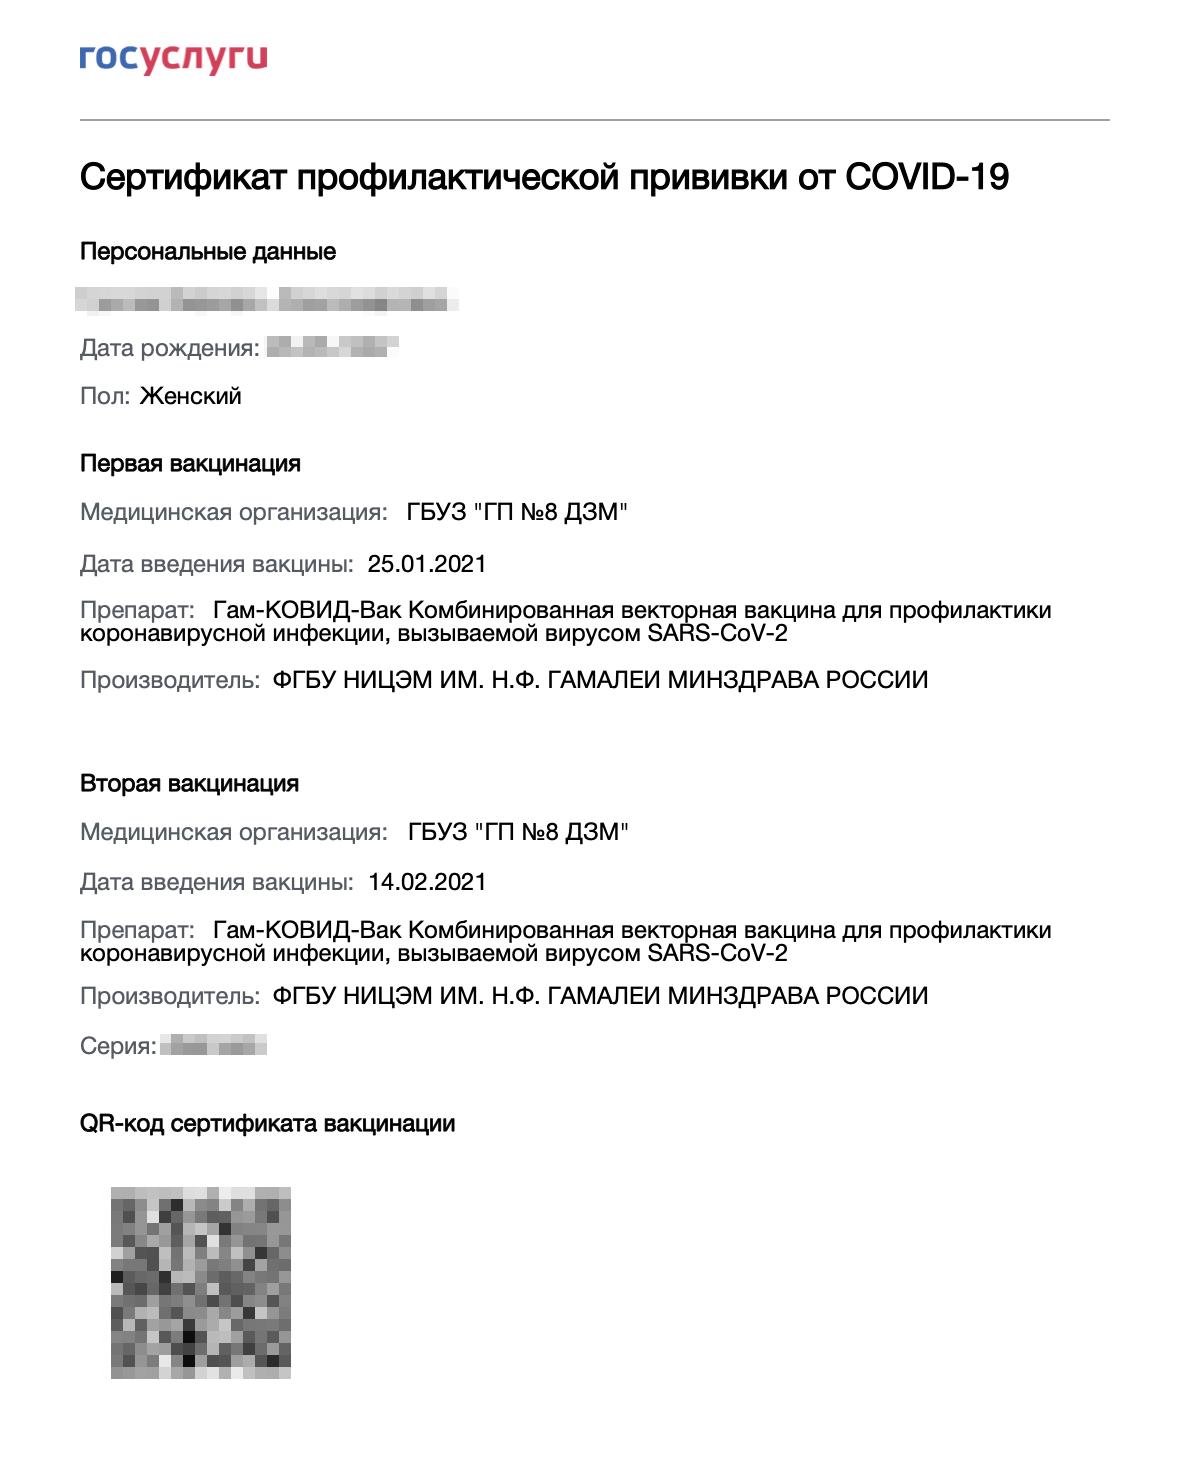 В личном кабинете нагосуслугах можно скачать сертификат, вкотором будет QR-код